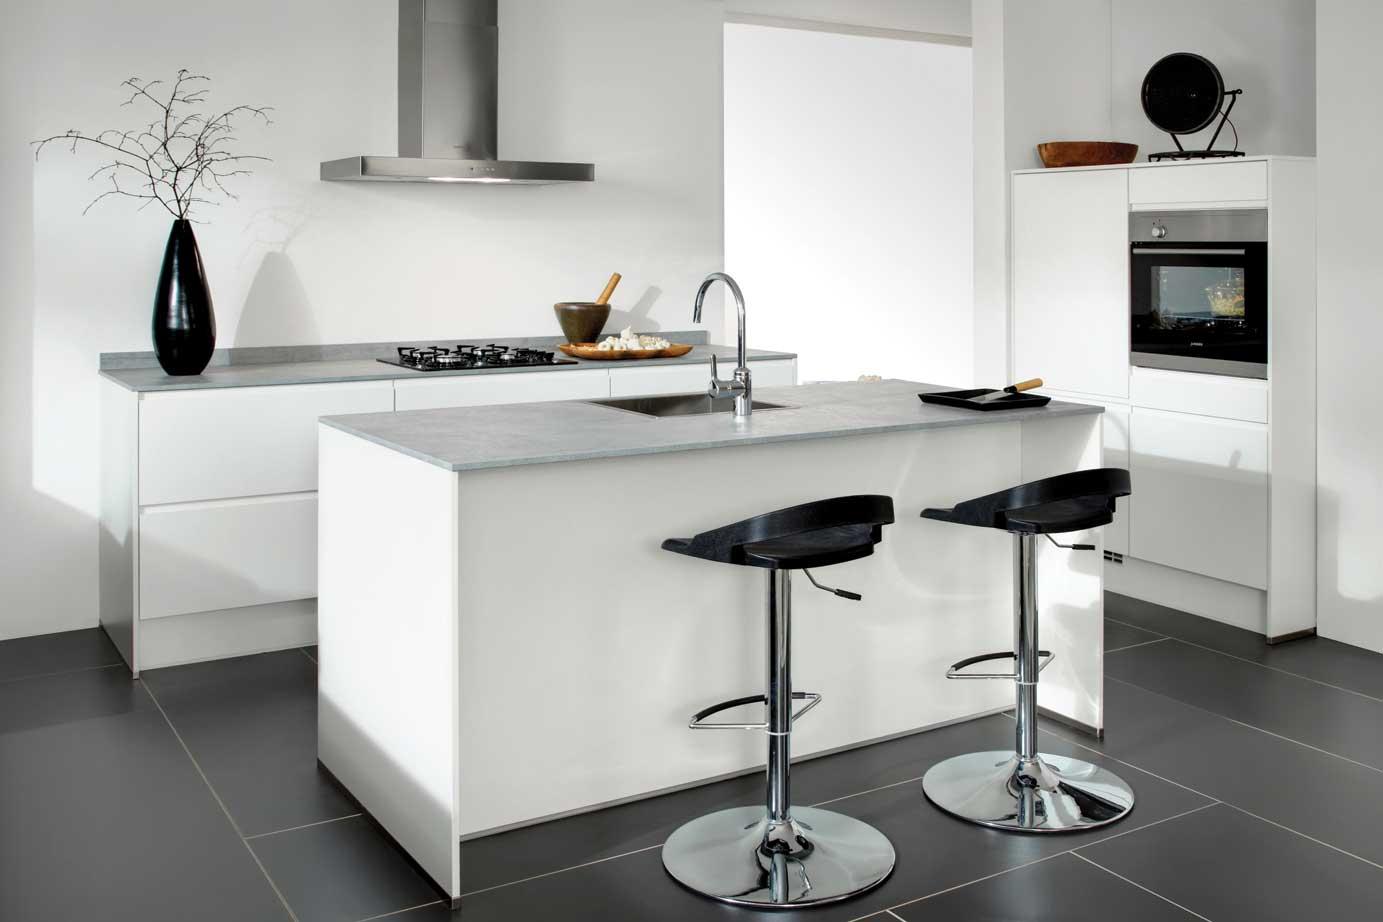 Uitzonderlijk Kleine keuken: kookeiland of hoekkeuken? Bekijk de mogelijkheden  ID22